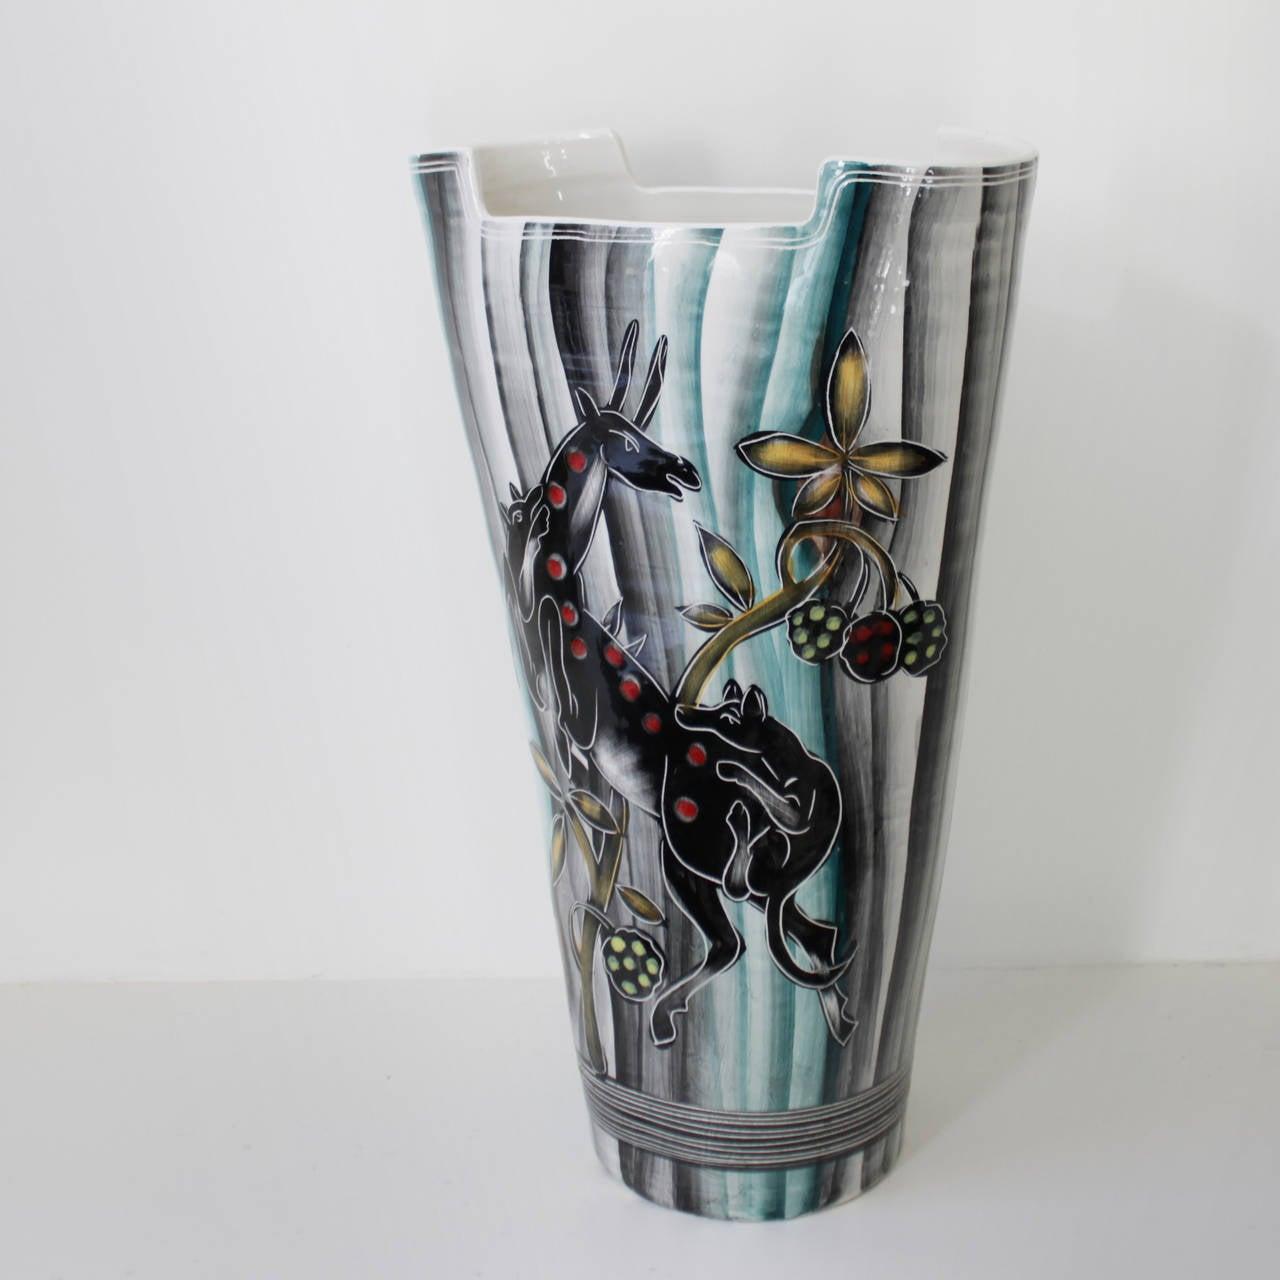 Glazed Large Italian Vase For Sale